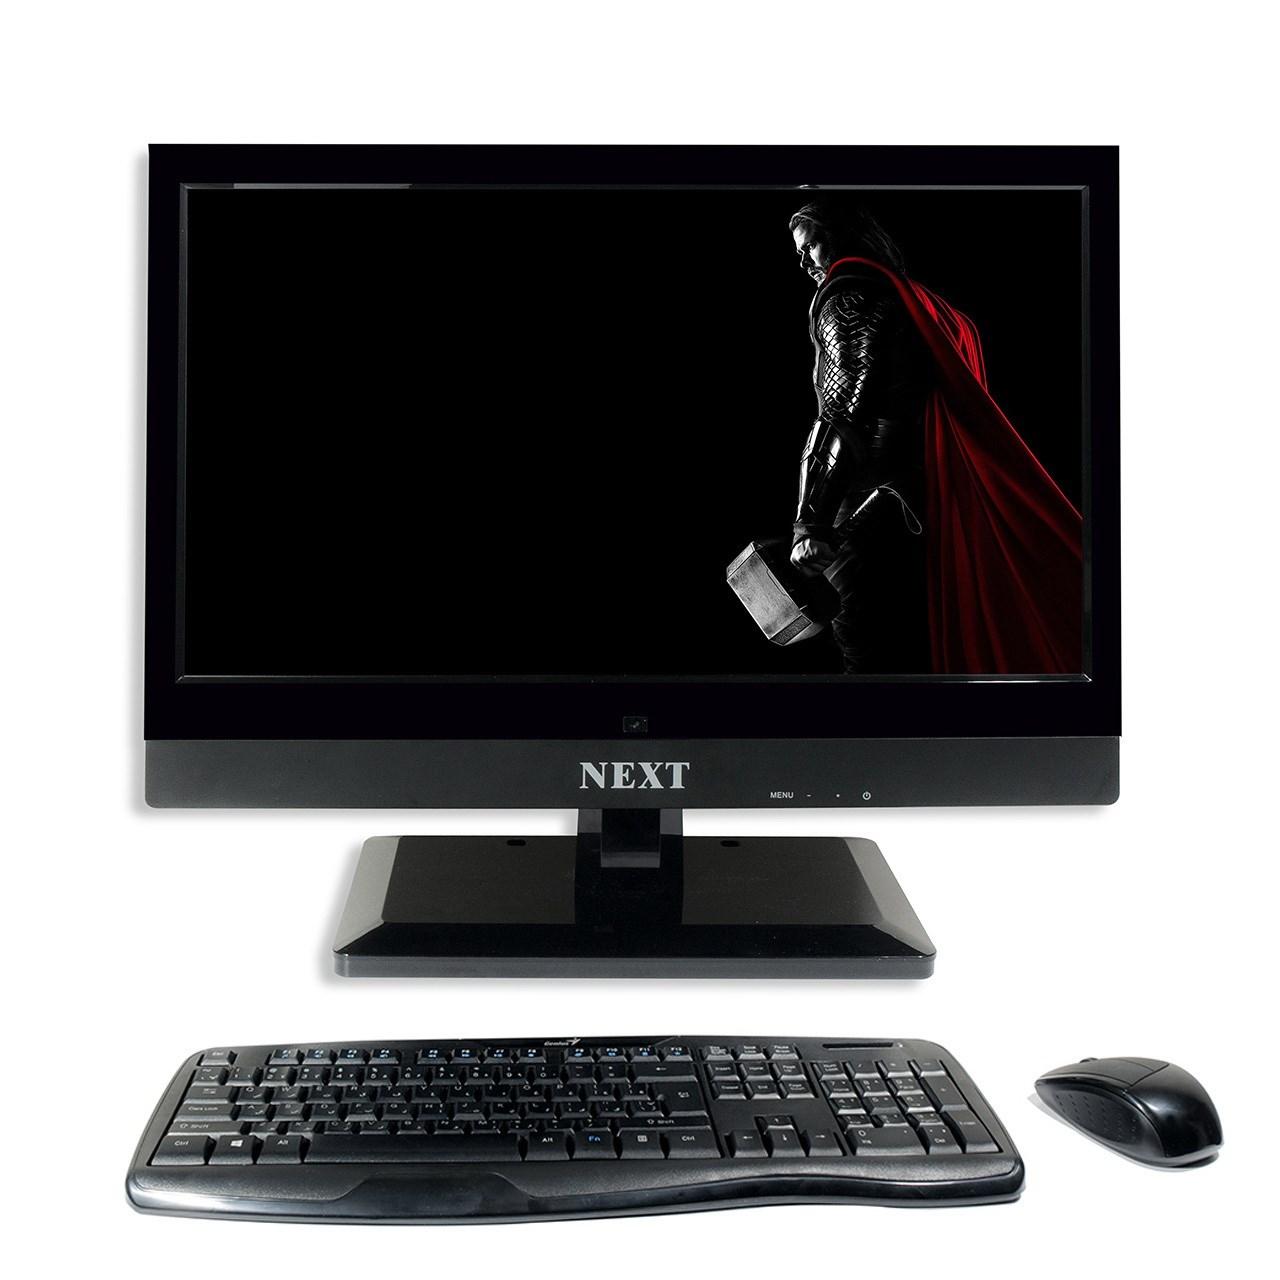 کامپیوتر همه کاره 21.5 اینچی نکست مدل AR2030-22A